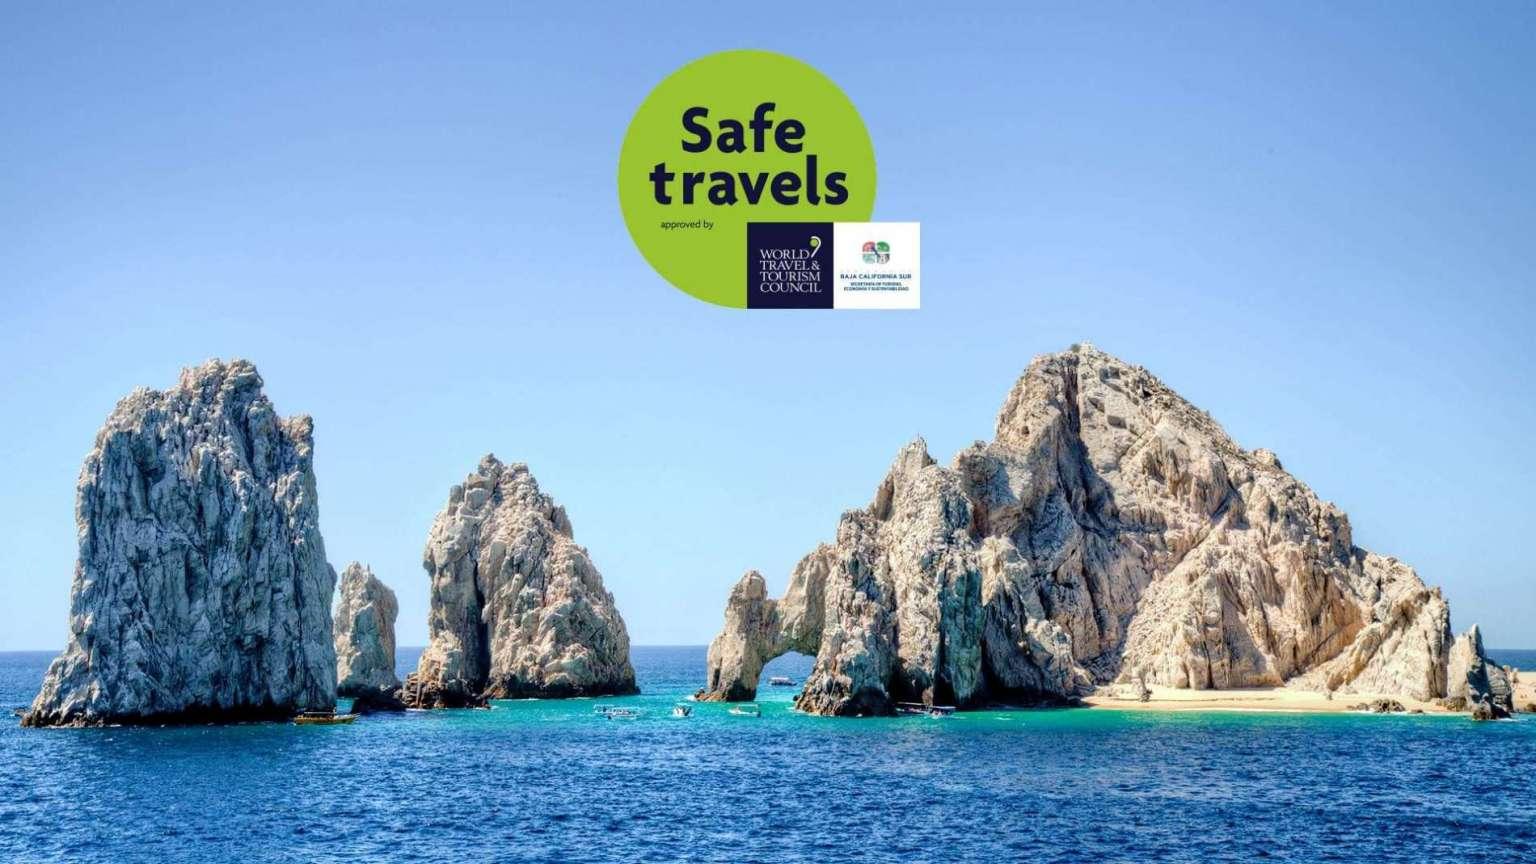 """Аялал жуулчлалын компаниудад """"Аялахад аюулгүй"""" шошго олгон"""